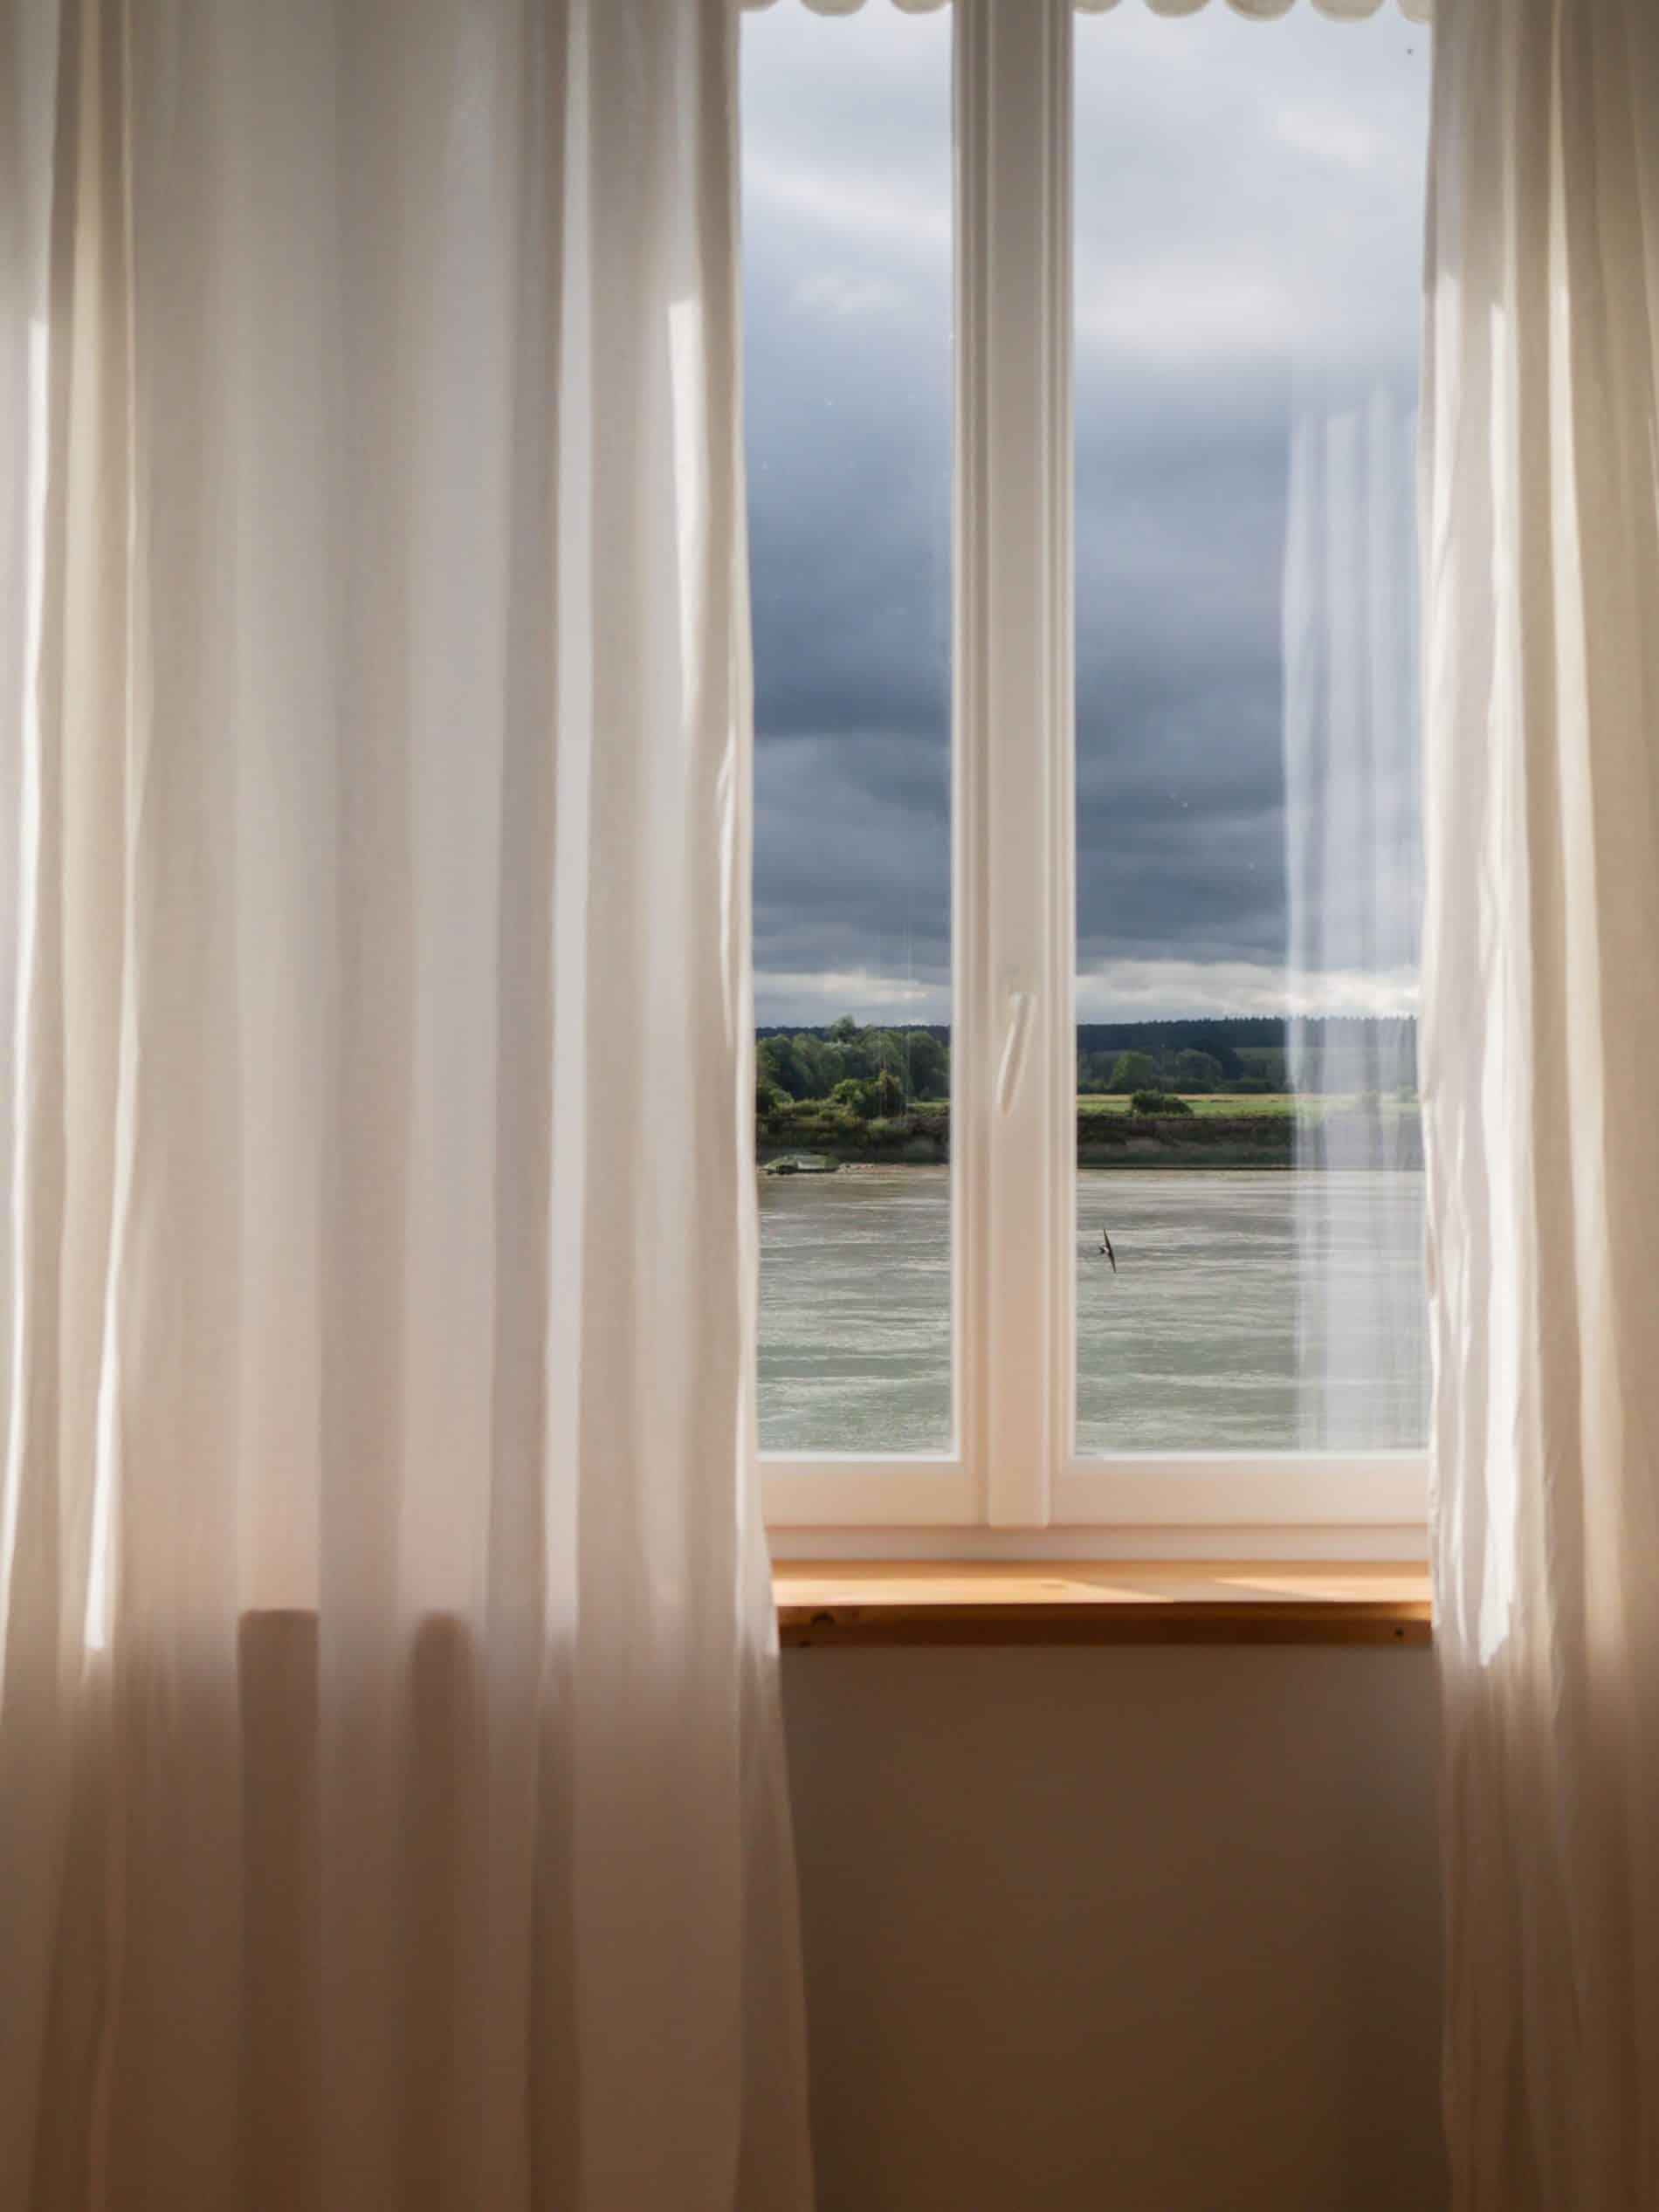 La Maison Plûme maison d'hôtes normandie fenêtre vue chambre